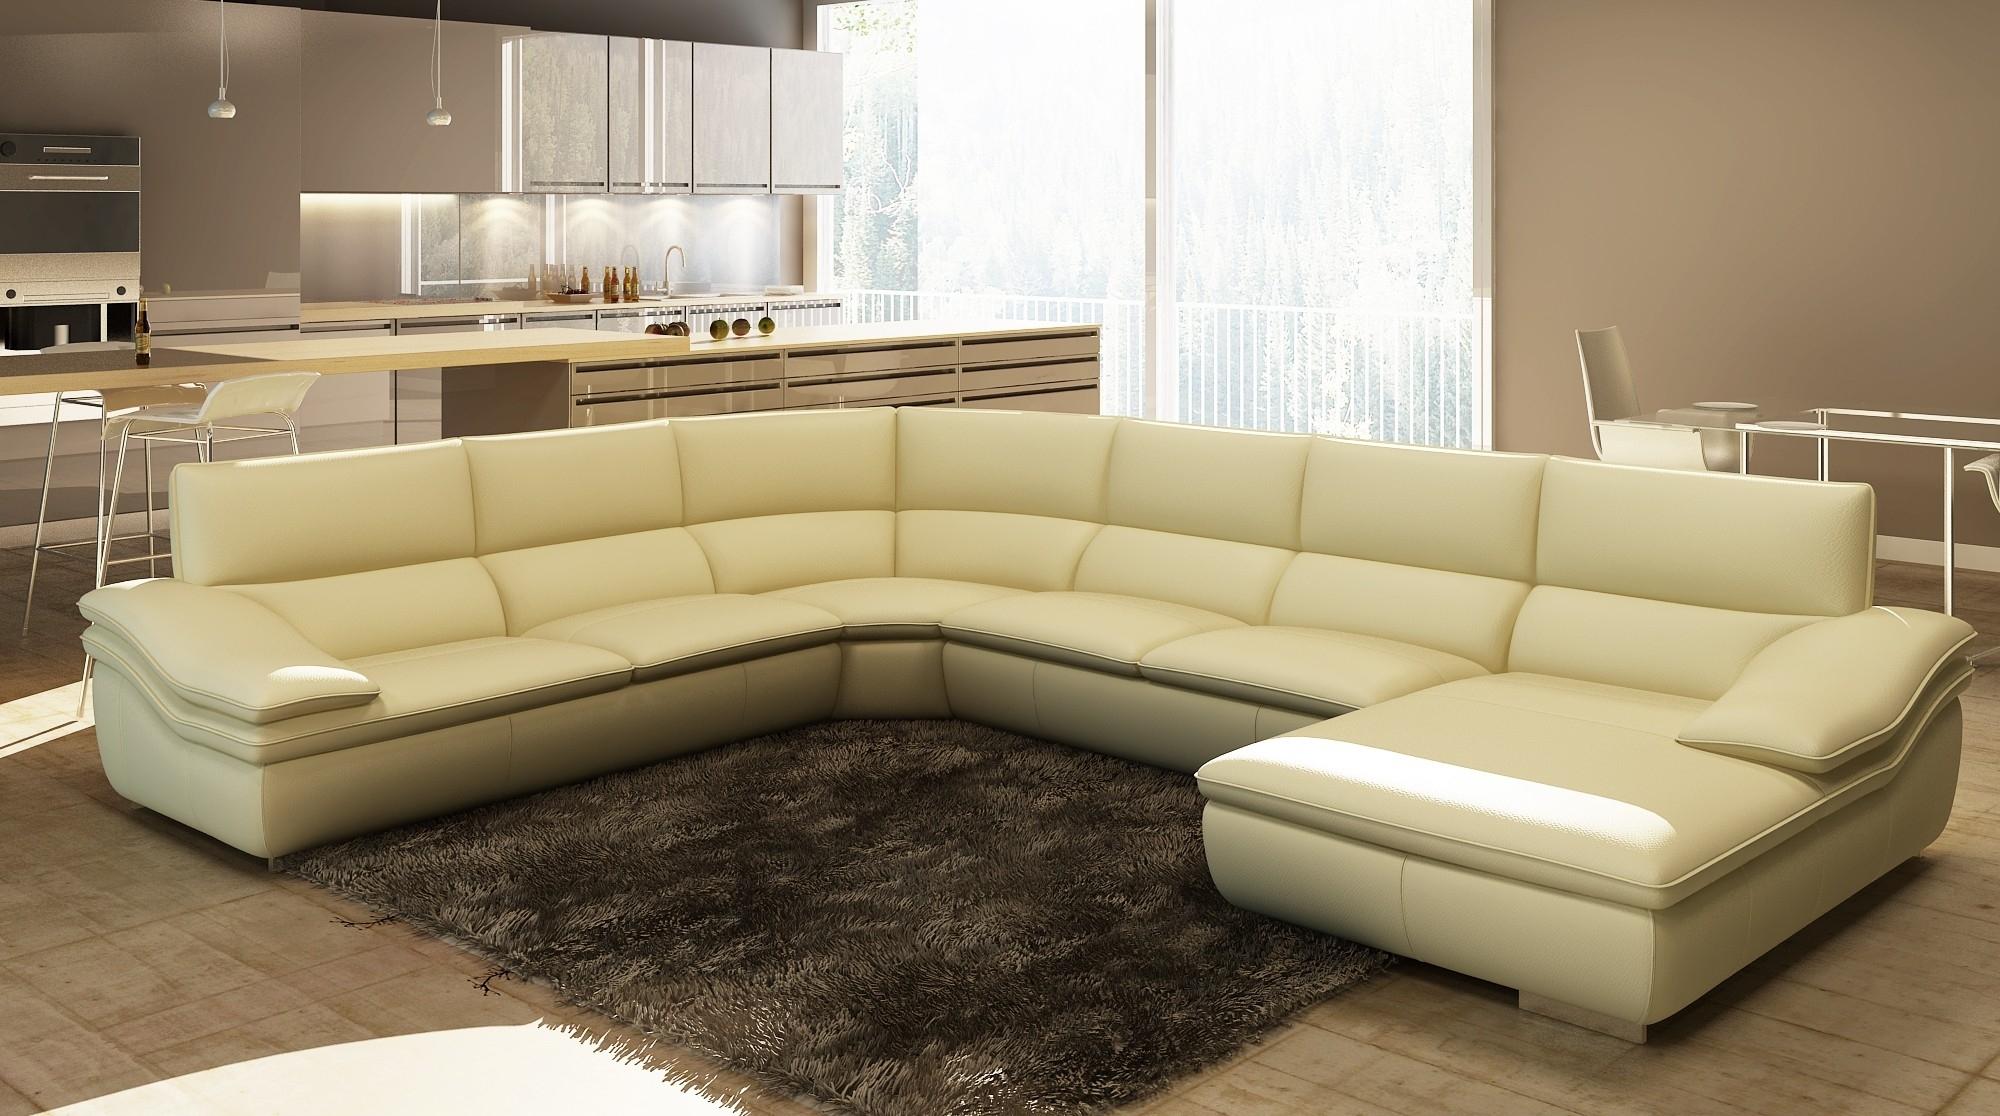 Sofa Realer Set Genuine Sofas South Africa Centerfieldbar Com Pertaining To Gta Sectional Sofas (View 5 of 10)